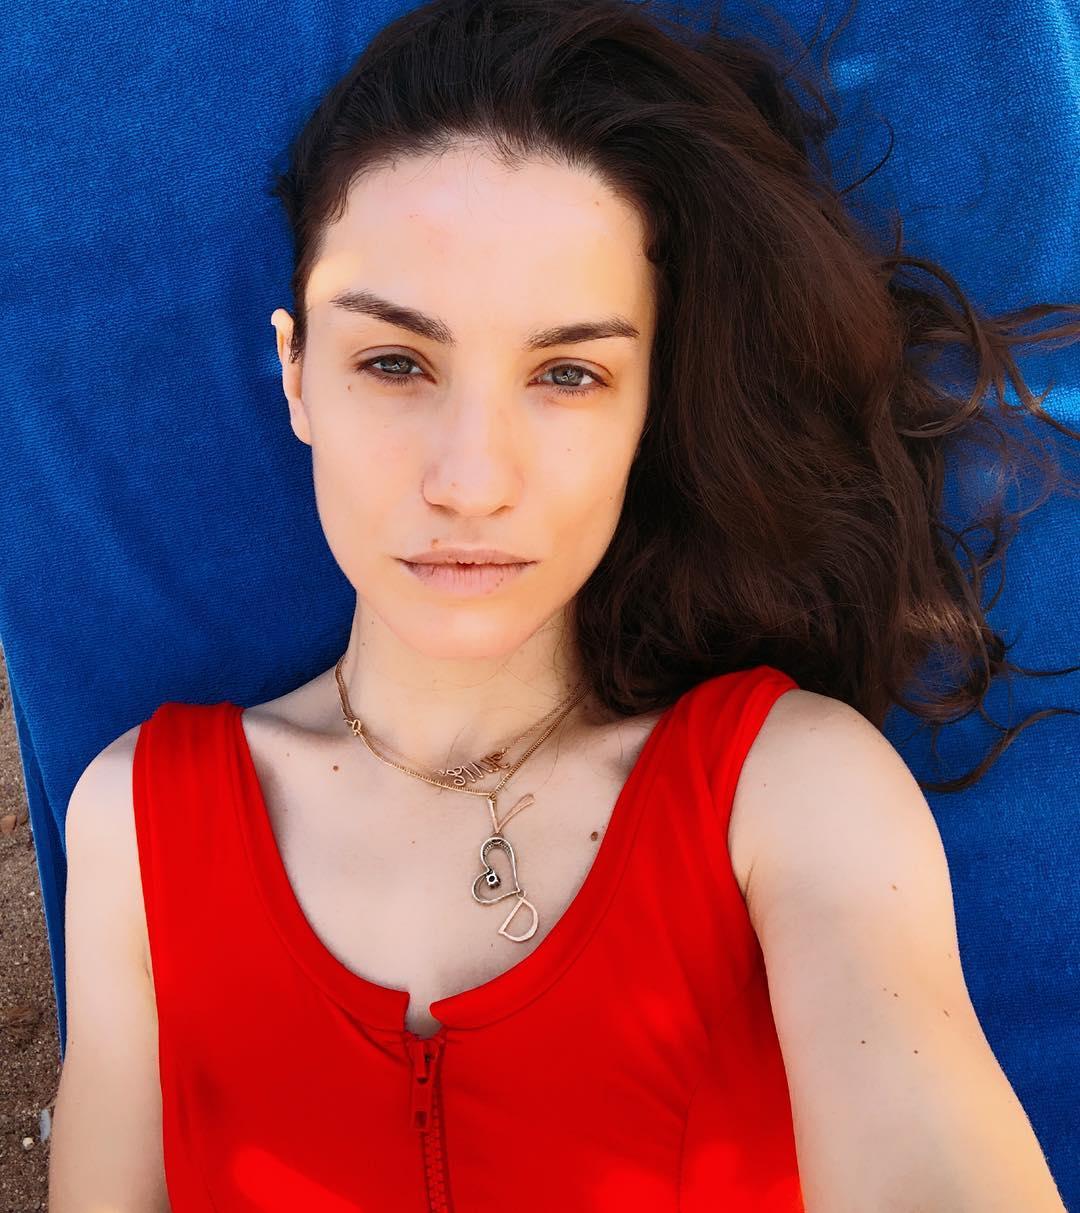 Виктория Дайнеко: А вы? Любите пляжный отдых? (Мое отношение к нему у меня на лице ) #missvinmontenegro